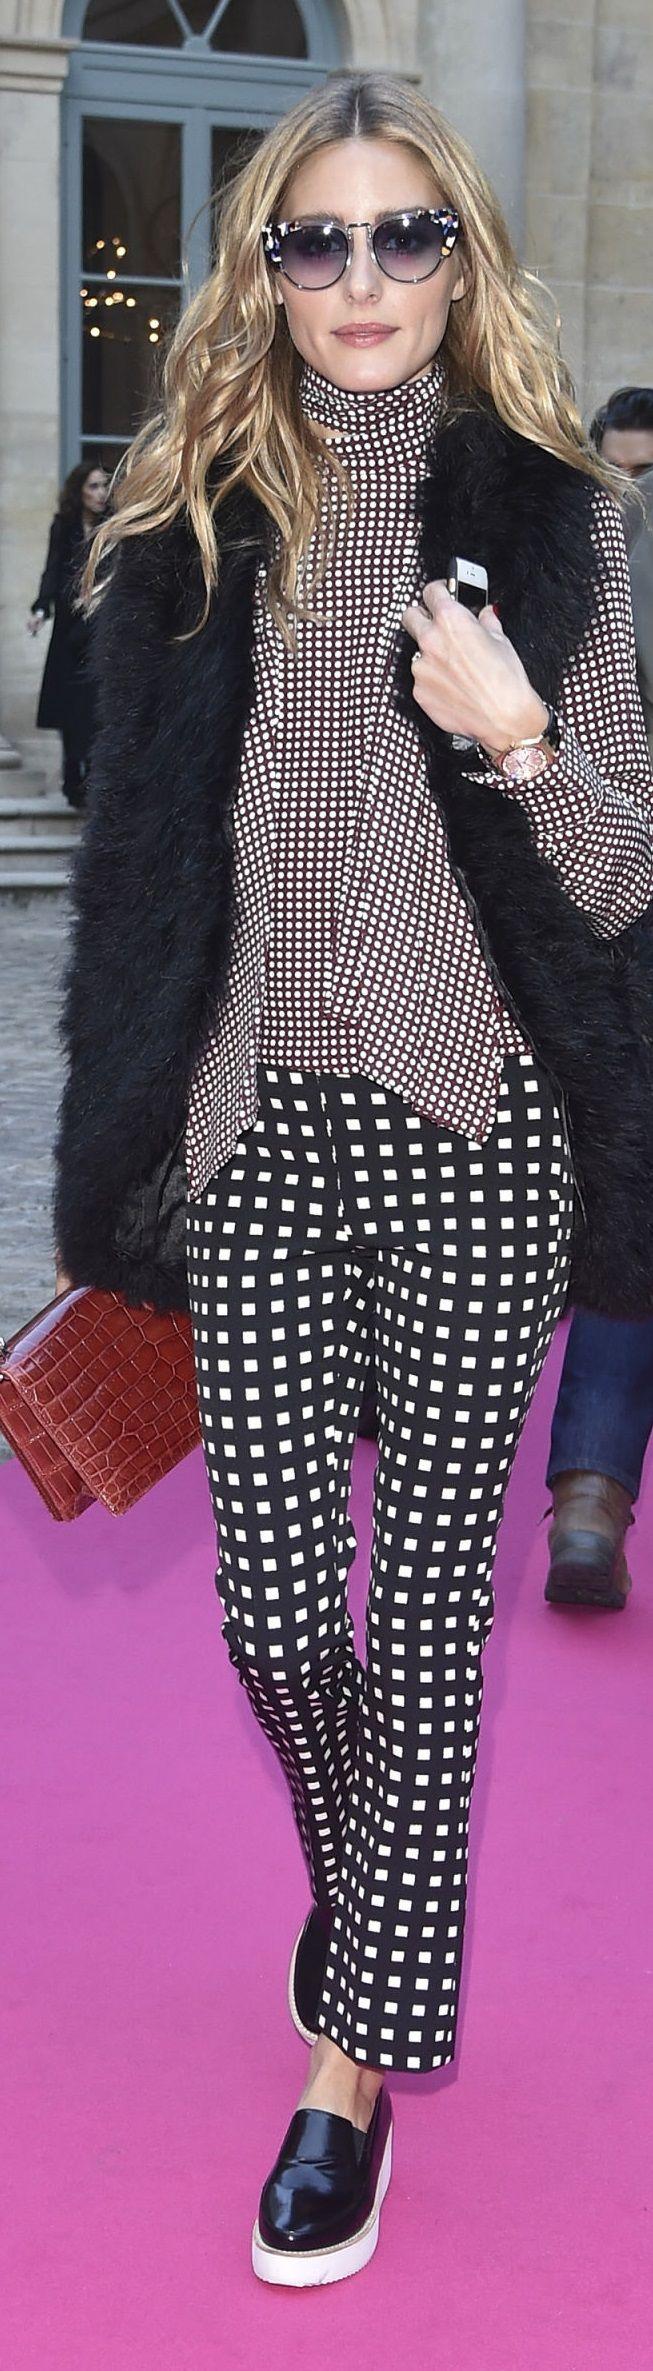 Olivia Palermo - #PFW #Schiaparelli #FashionShow